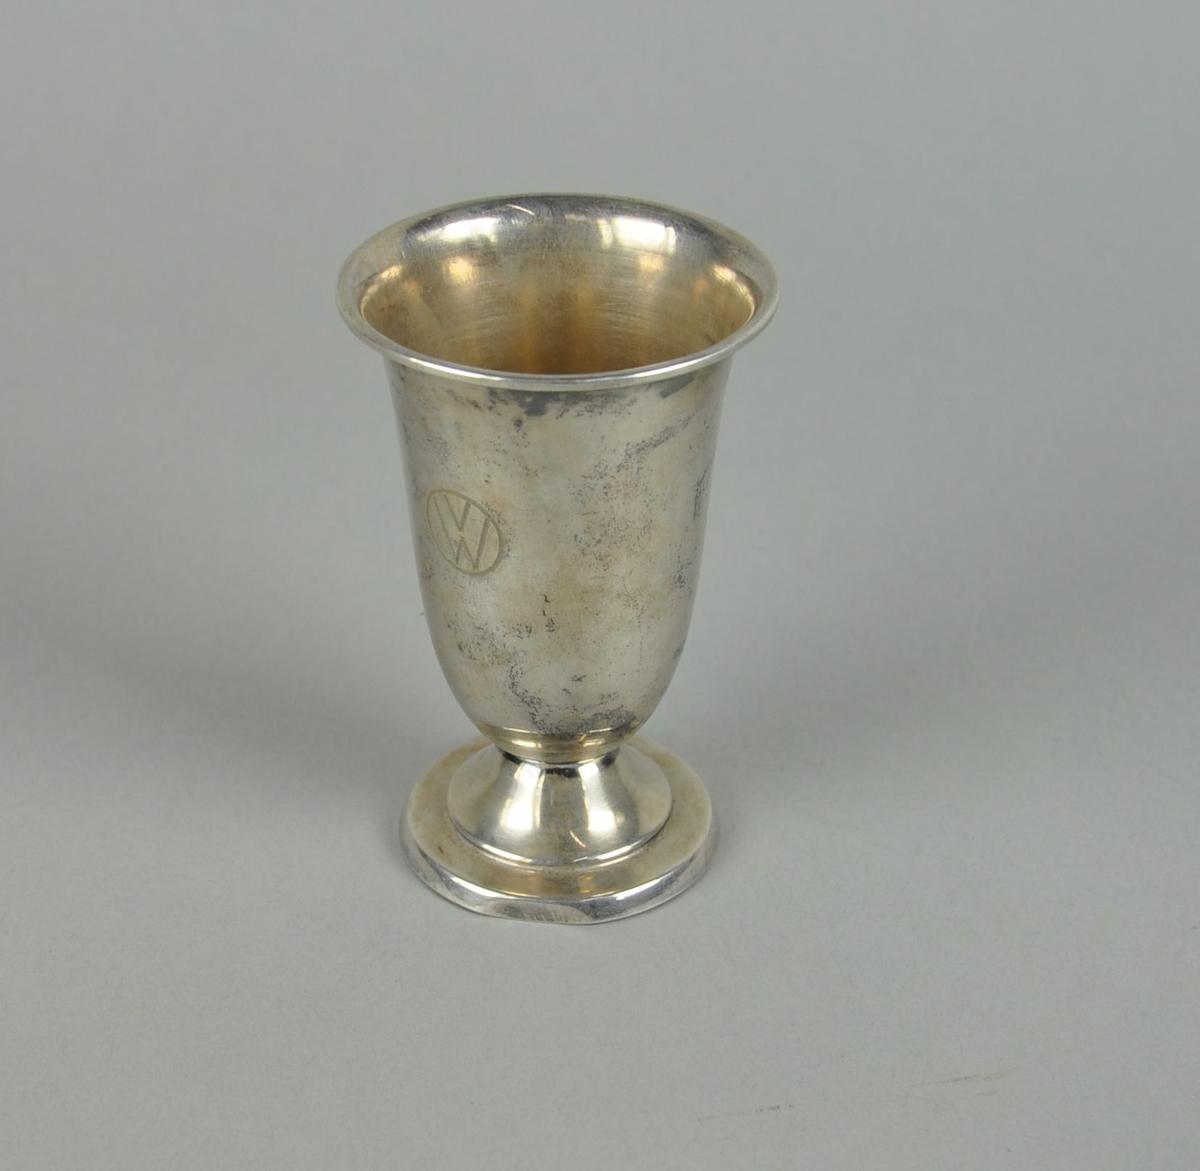 Pokal av metall, muligens sølvplett. Sylindrisk form med innsnevring nederst mot utgående sokkel. Pokalen har profilert dekor på sokkel.